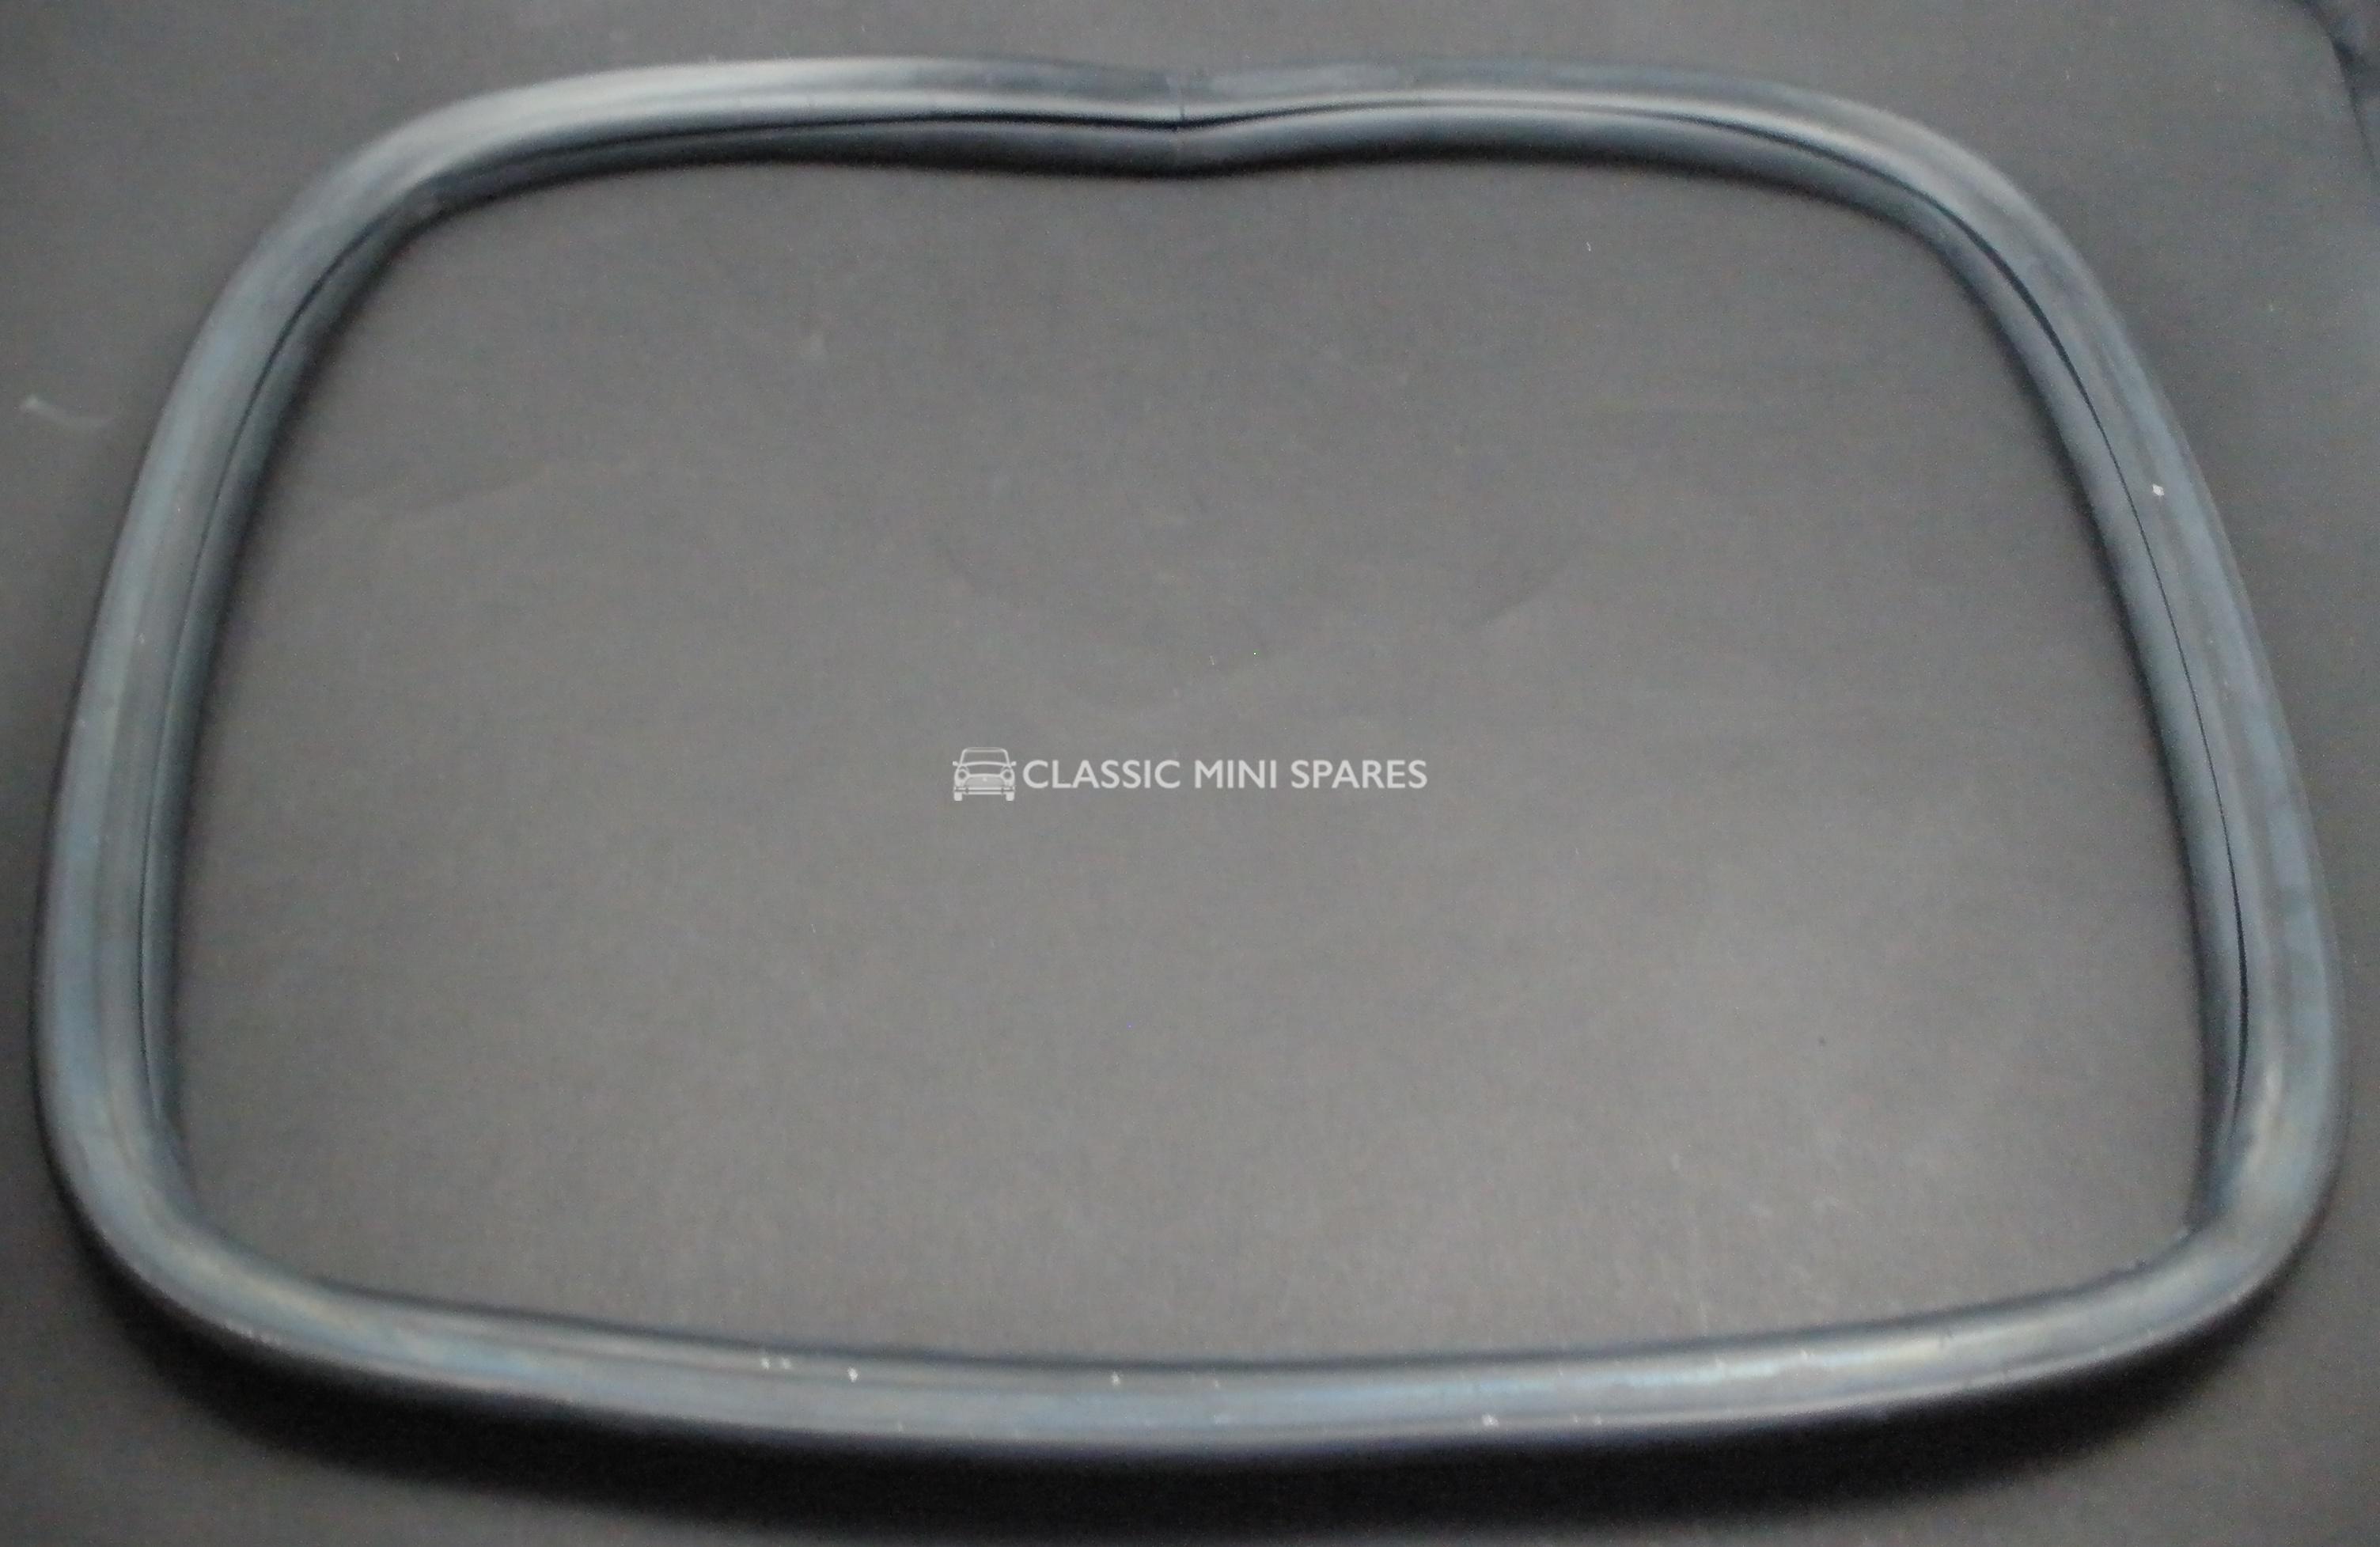 14a7210 Window Rubber Seal For Van Rear Door Buy Online